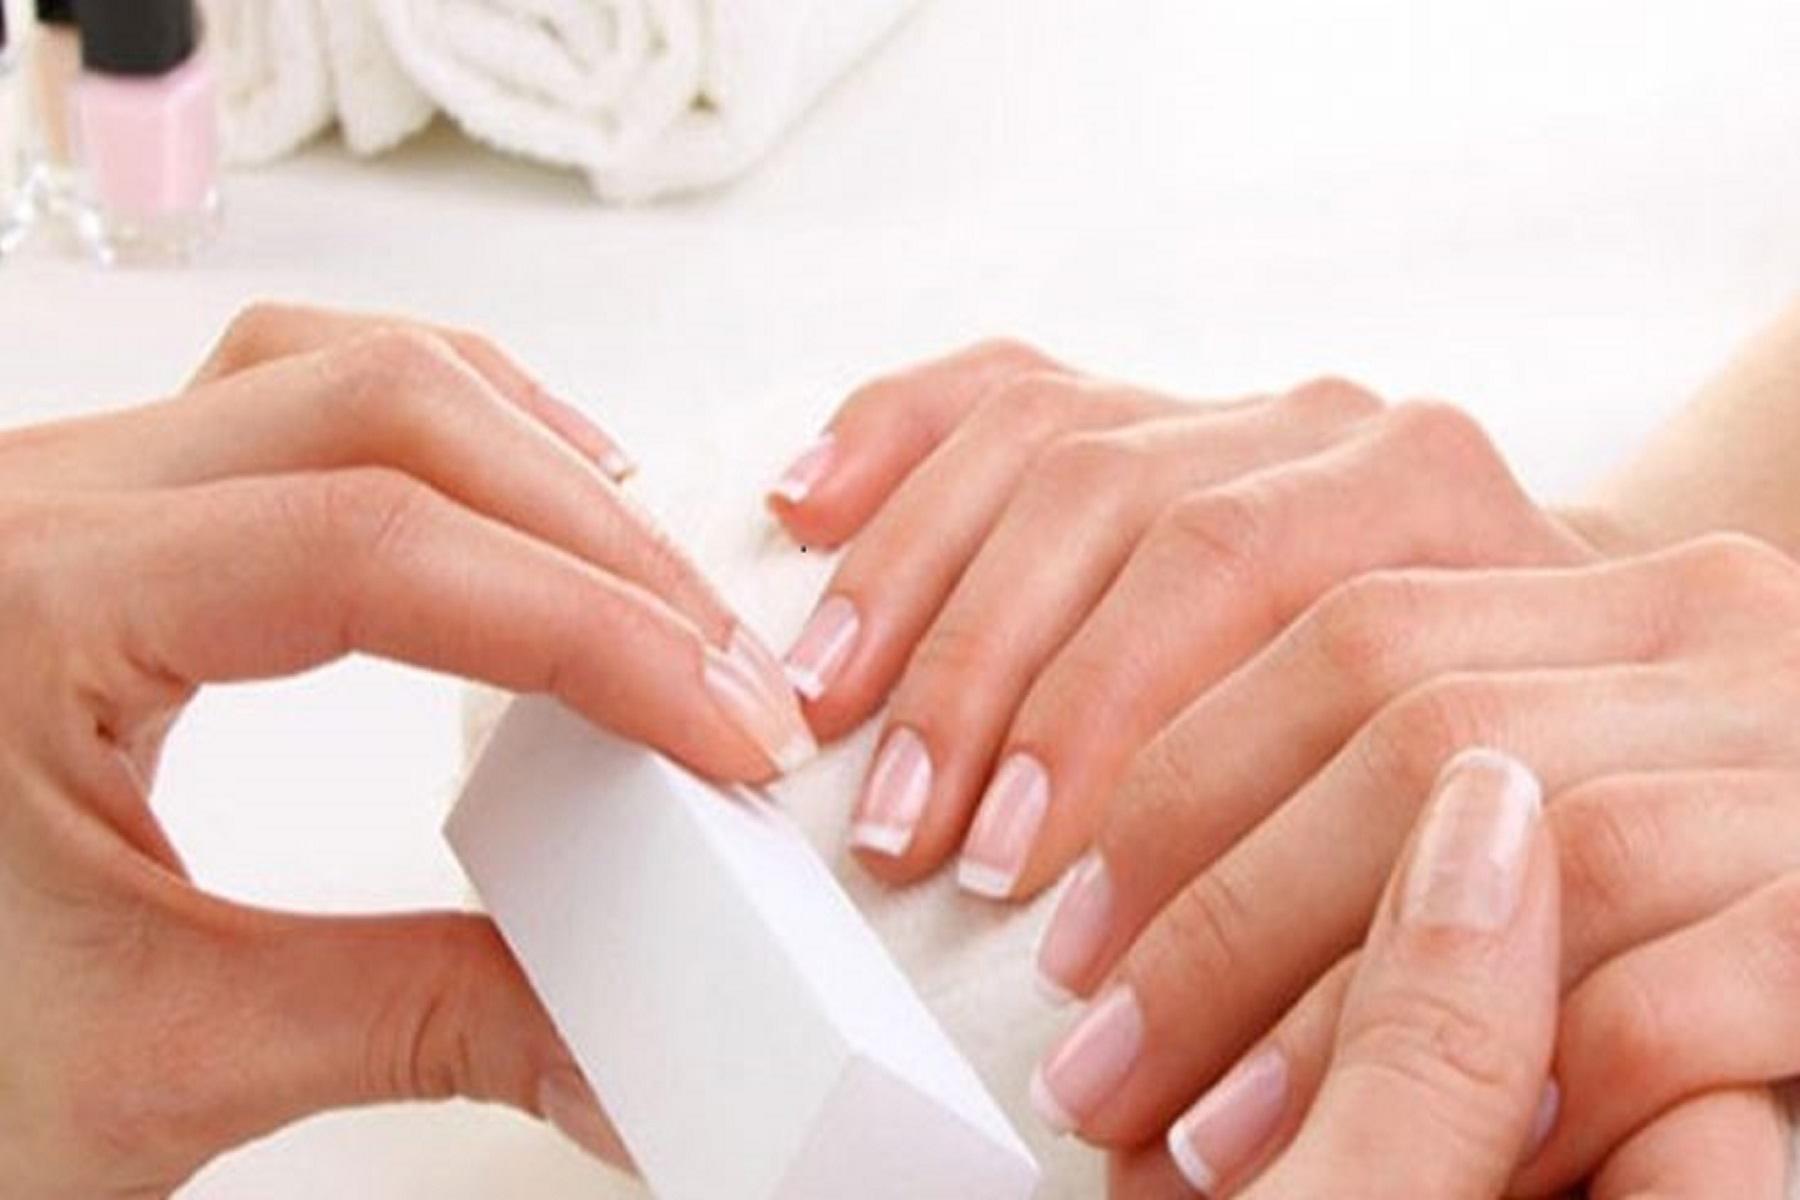 Νύχια Φροντίδα: Συμβουλές για την περιποίηση των άκρων σας